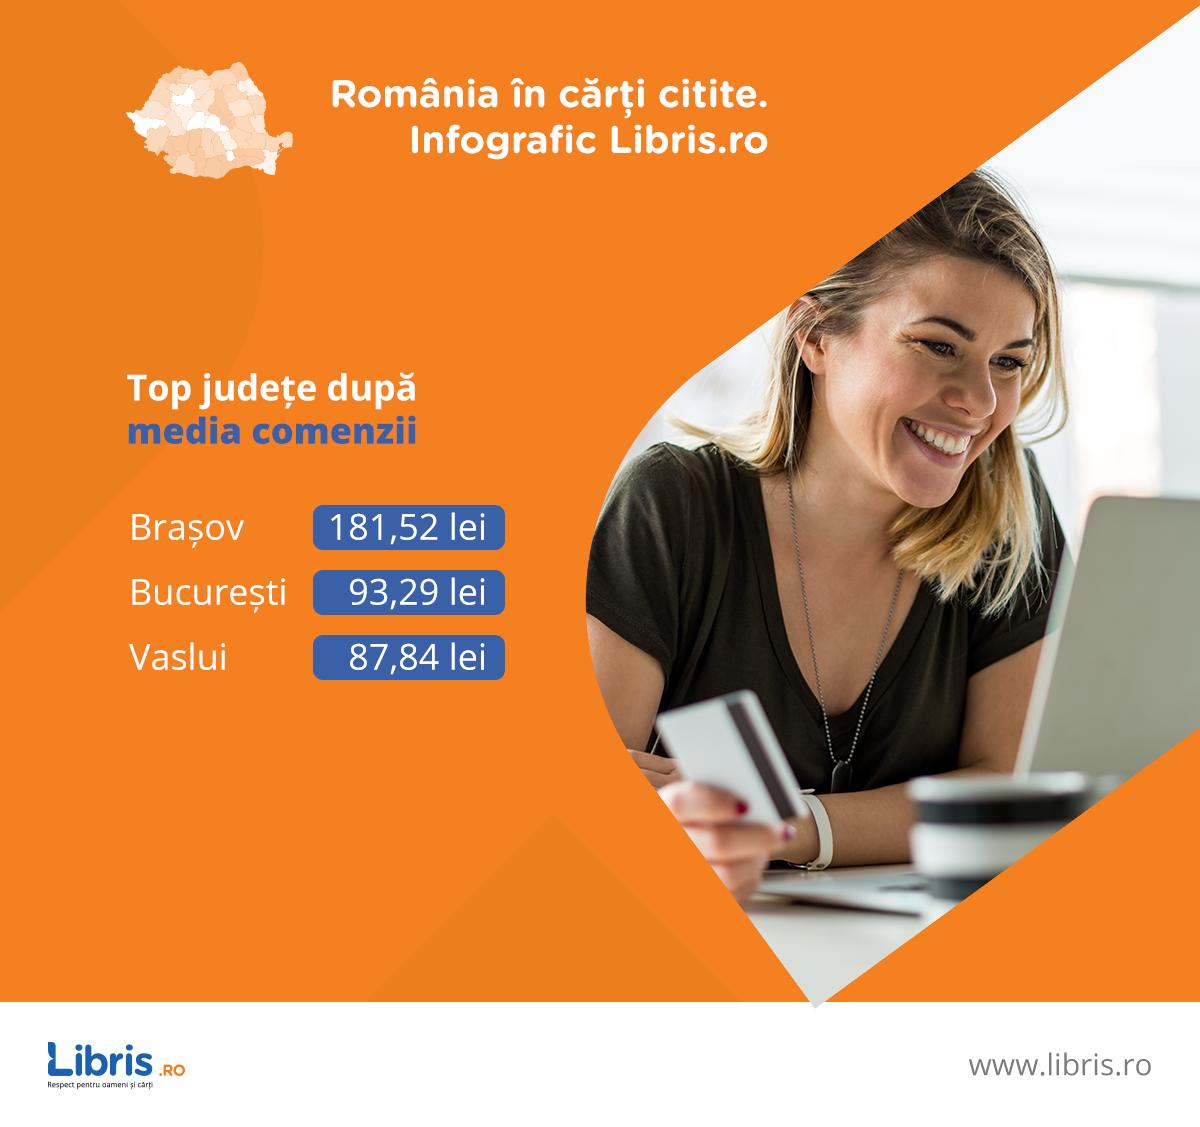 Harta României în cărți citite, de la Libris.ro